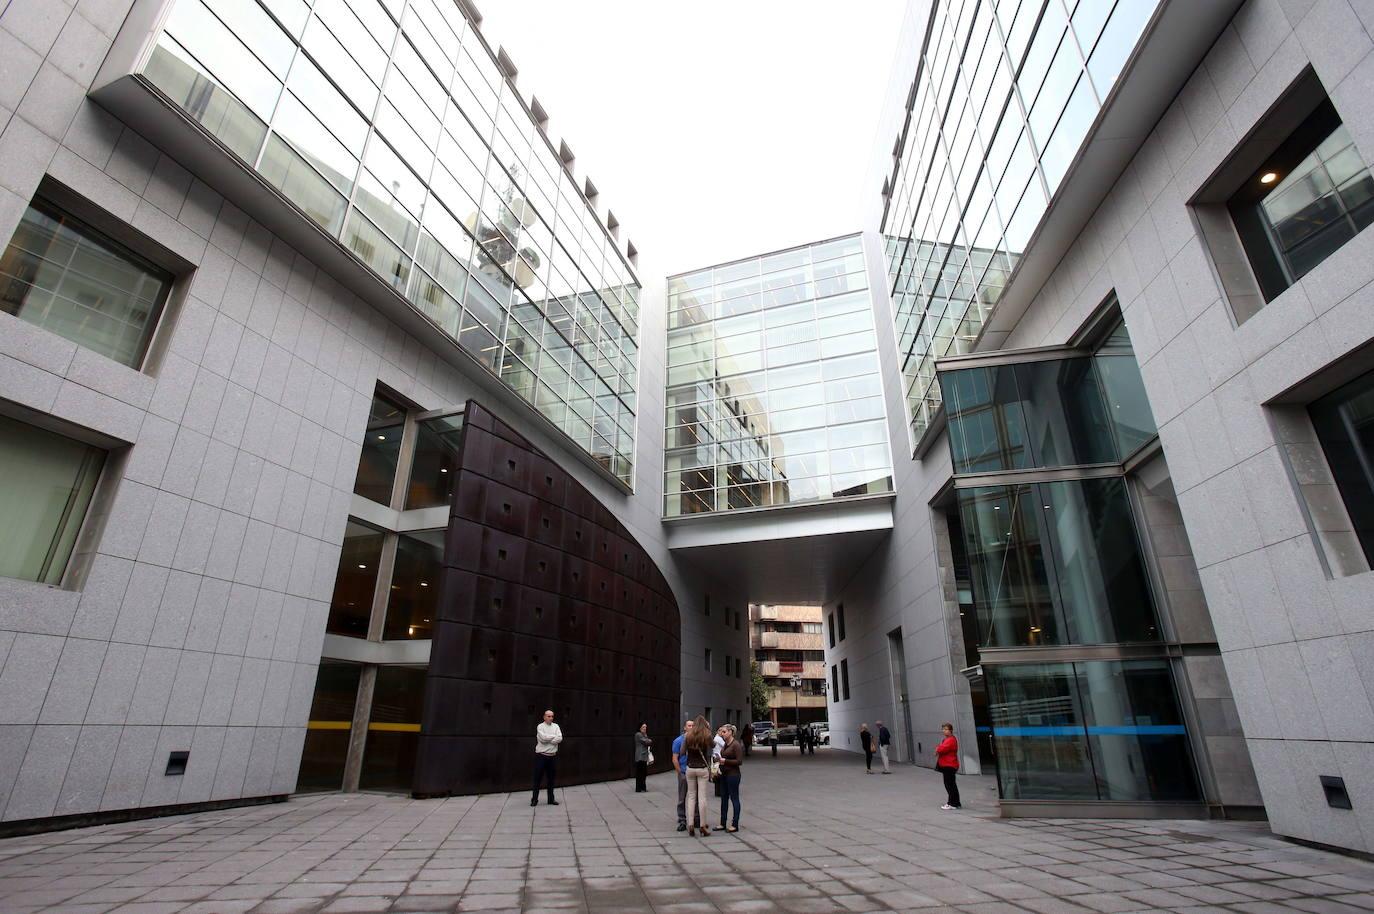 Una repartidora de congelados se apropia de 47.000 euros de su empresa